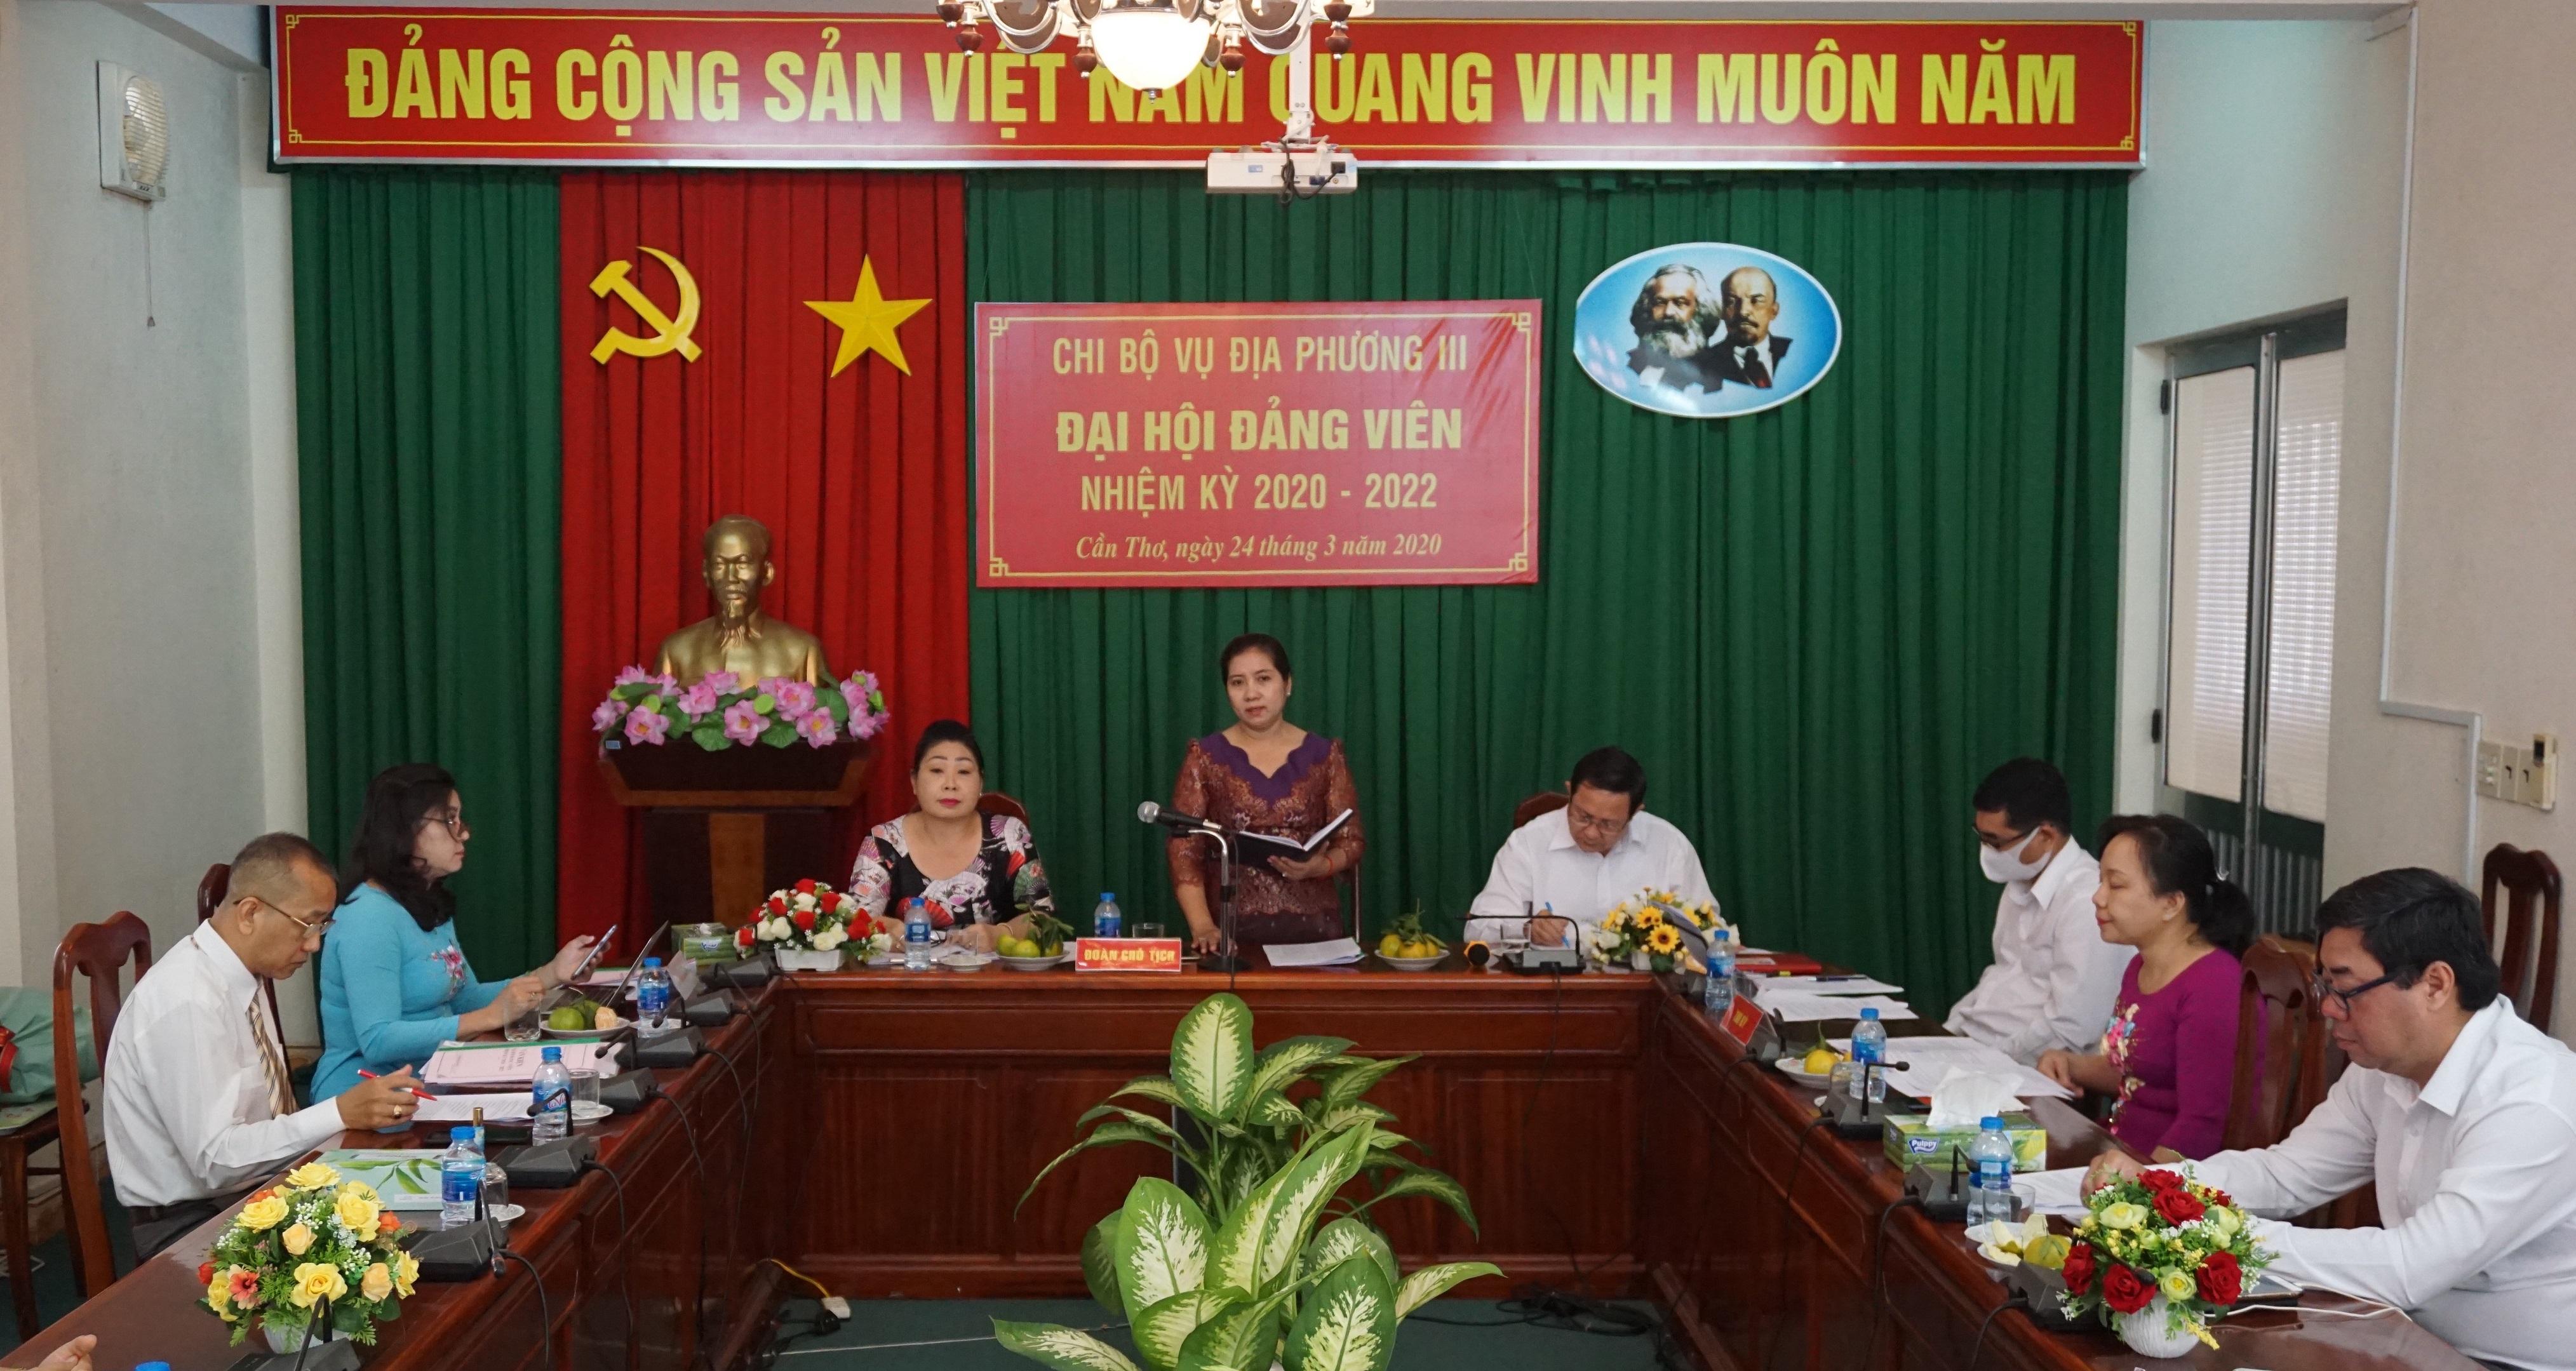 Đồng chí Huỳnh Thị Sô Ma Ly, Bí thư Chi bộ nhiệm kỳ 2017-2020, Vụ trưởng Vụ Địa phương III phát biểu tại Đại Hội